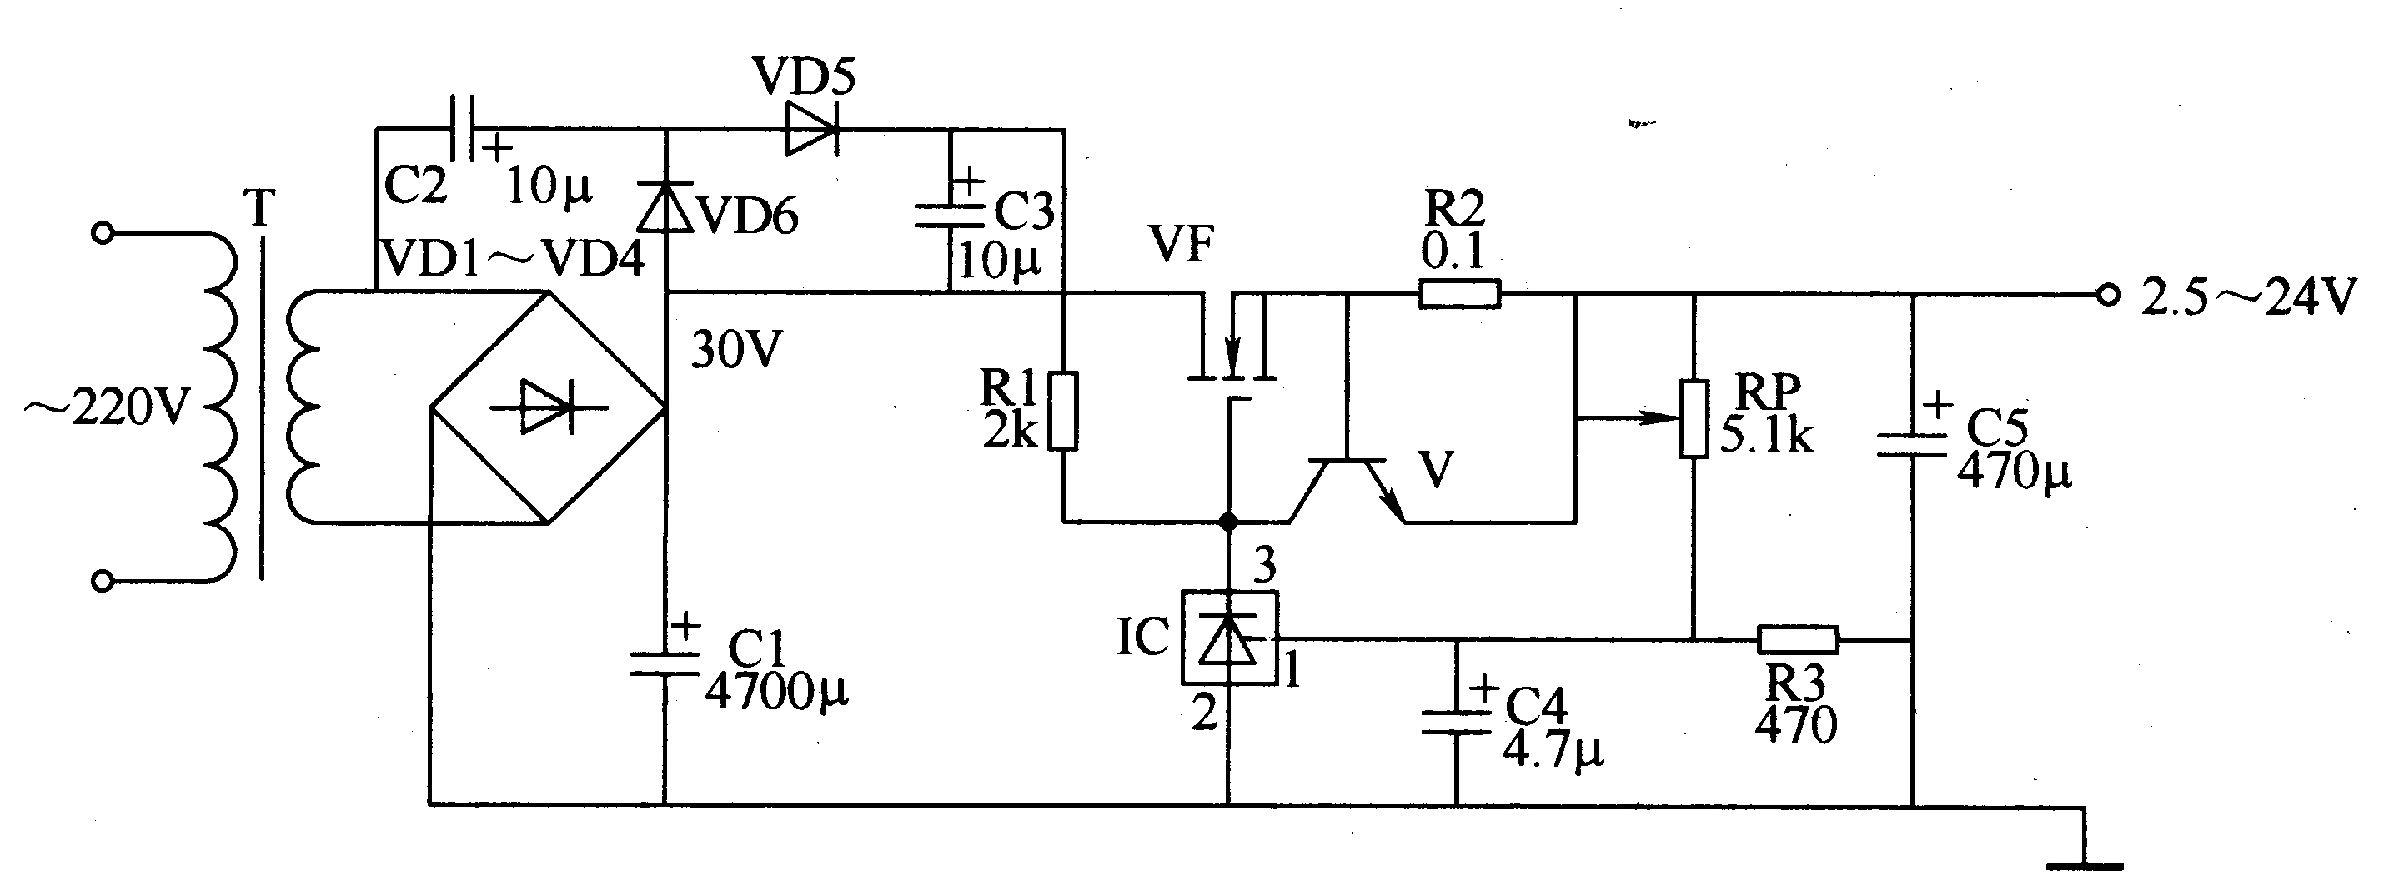 输入电路由电源变压器T、整流二极管VDl-VD4和滤波电容器Cl组成。   倍压电路由二极管VD5、VD6和电容器C2、C3组成。   取样控制电路由电阻器Rl、R3、电位器RP、电容器C4和稳压集成电路lC组成。   限流保护电路由晶体管V和电阻器R2组成。   电压调整输出电路由电源调整用场效应晶体管VF、稳压集成电路IC、电阻器Rl、R2和滤波电容器C5组成。   交流220V电压经T降压、VDl-VD4整流、Cl滤波后,产生30V直流电压。该电压一路直接加至VF的漏极 (D极)上;另一路经倍